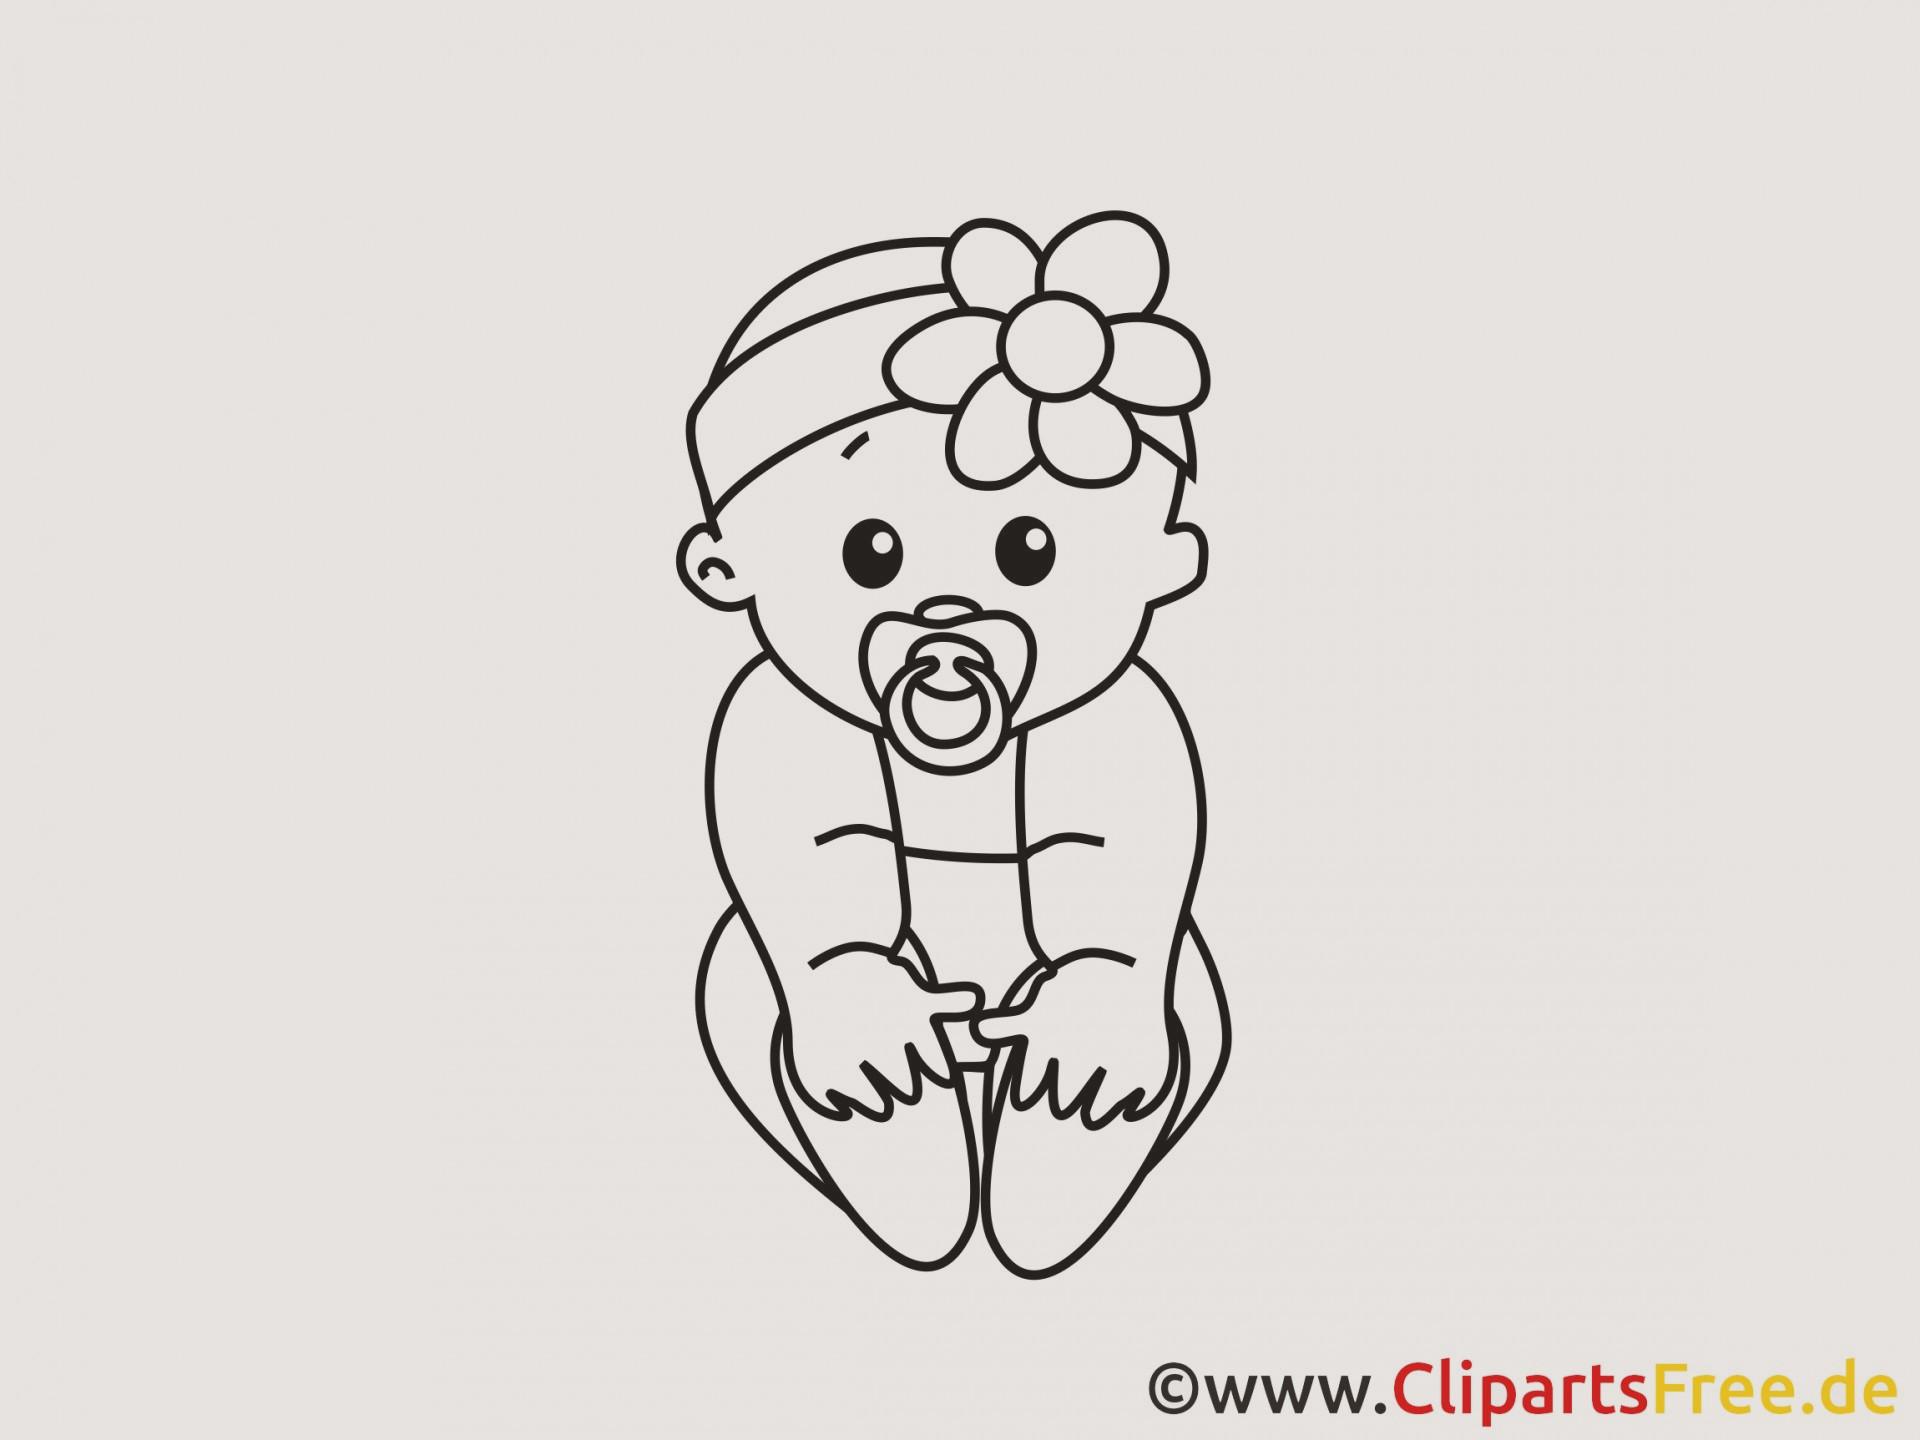 Ausmalbilder Für Weihnachten Genial 30 Best Malvorlagen Für Jungs Ausdrucken Sammlung